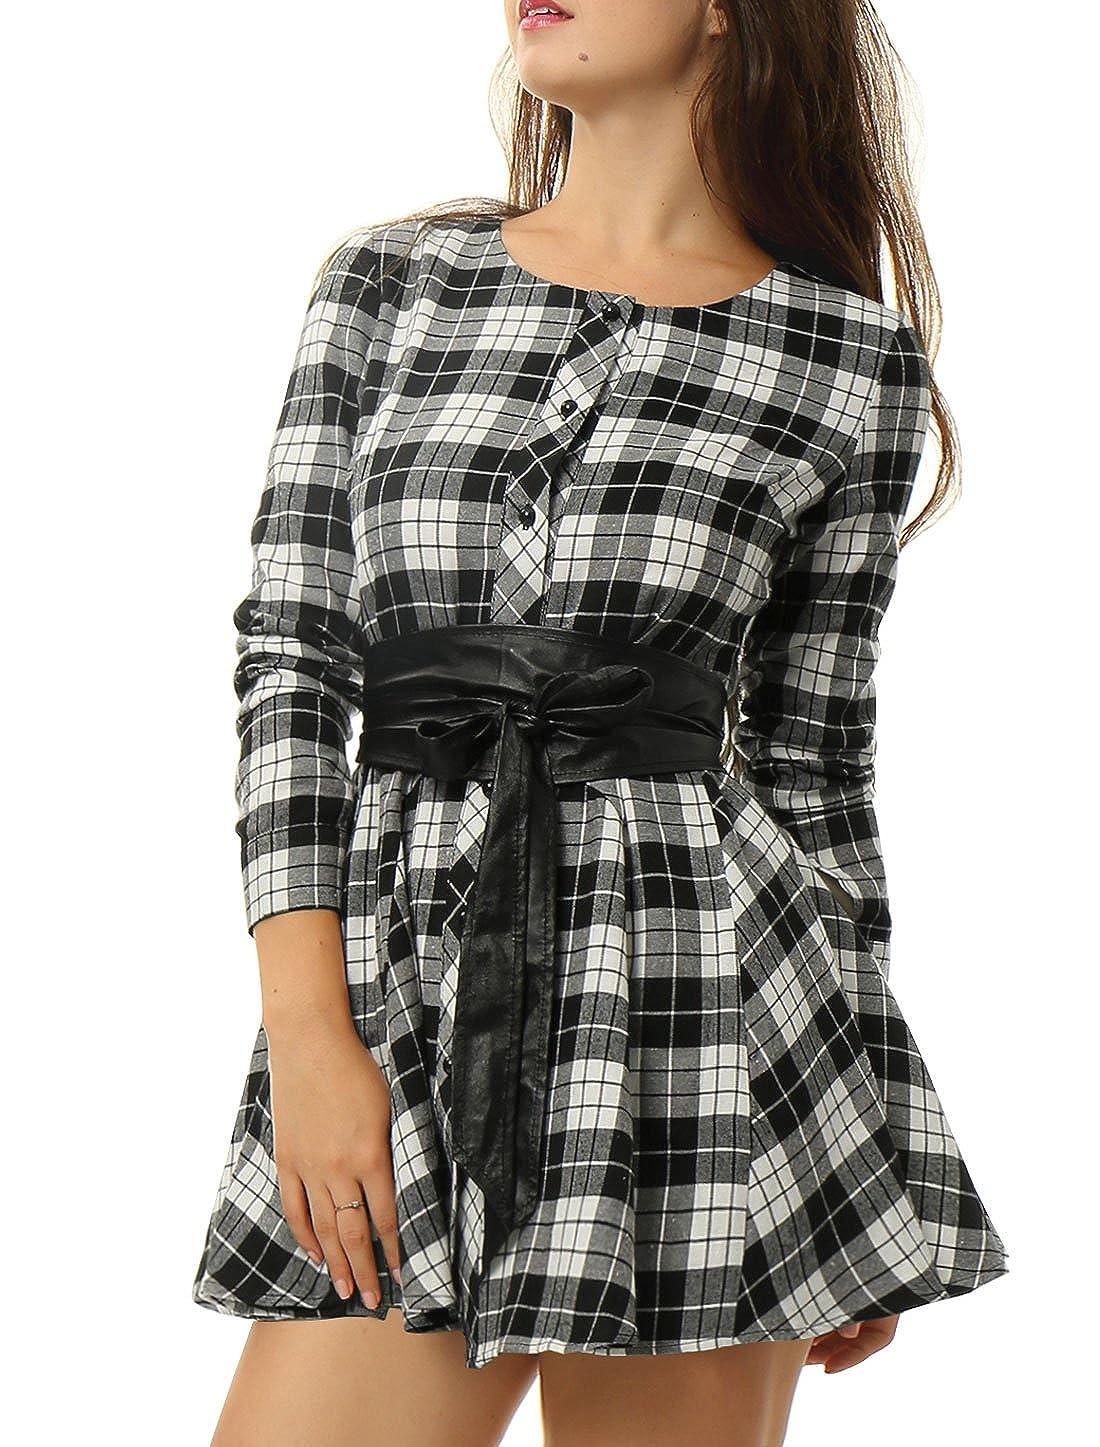 Allegra K - Camicia - Donna  Amazon.it  Abbigliamento 2c718dcfb81